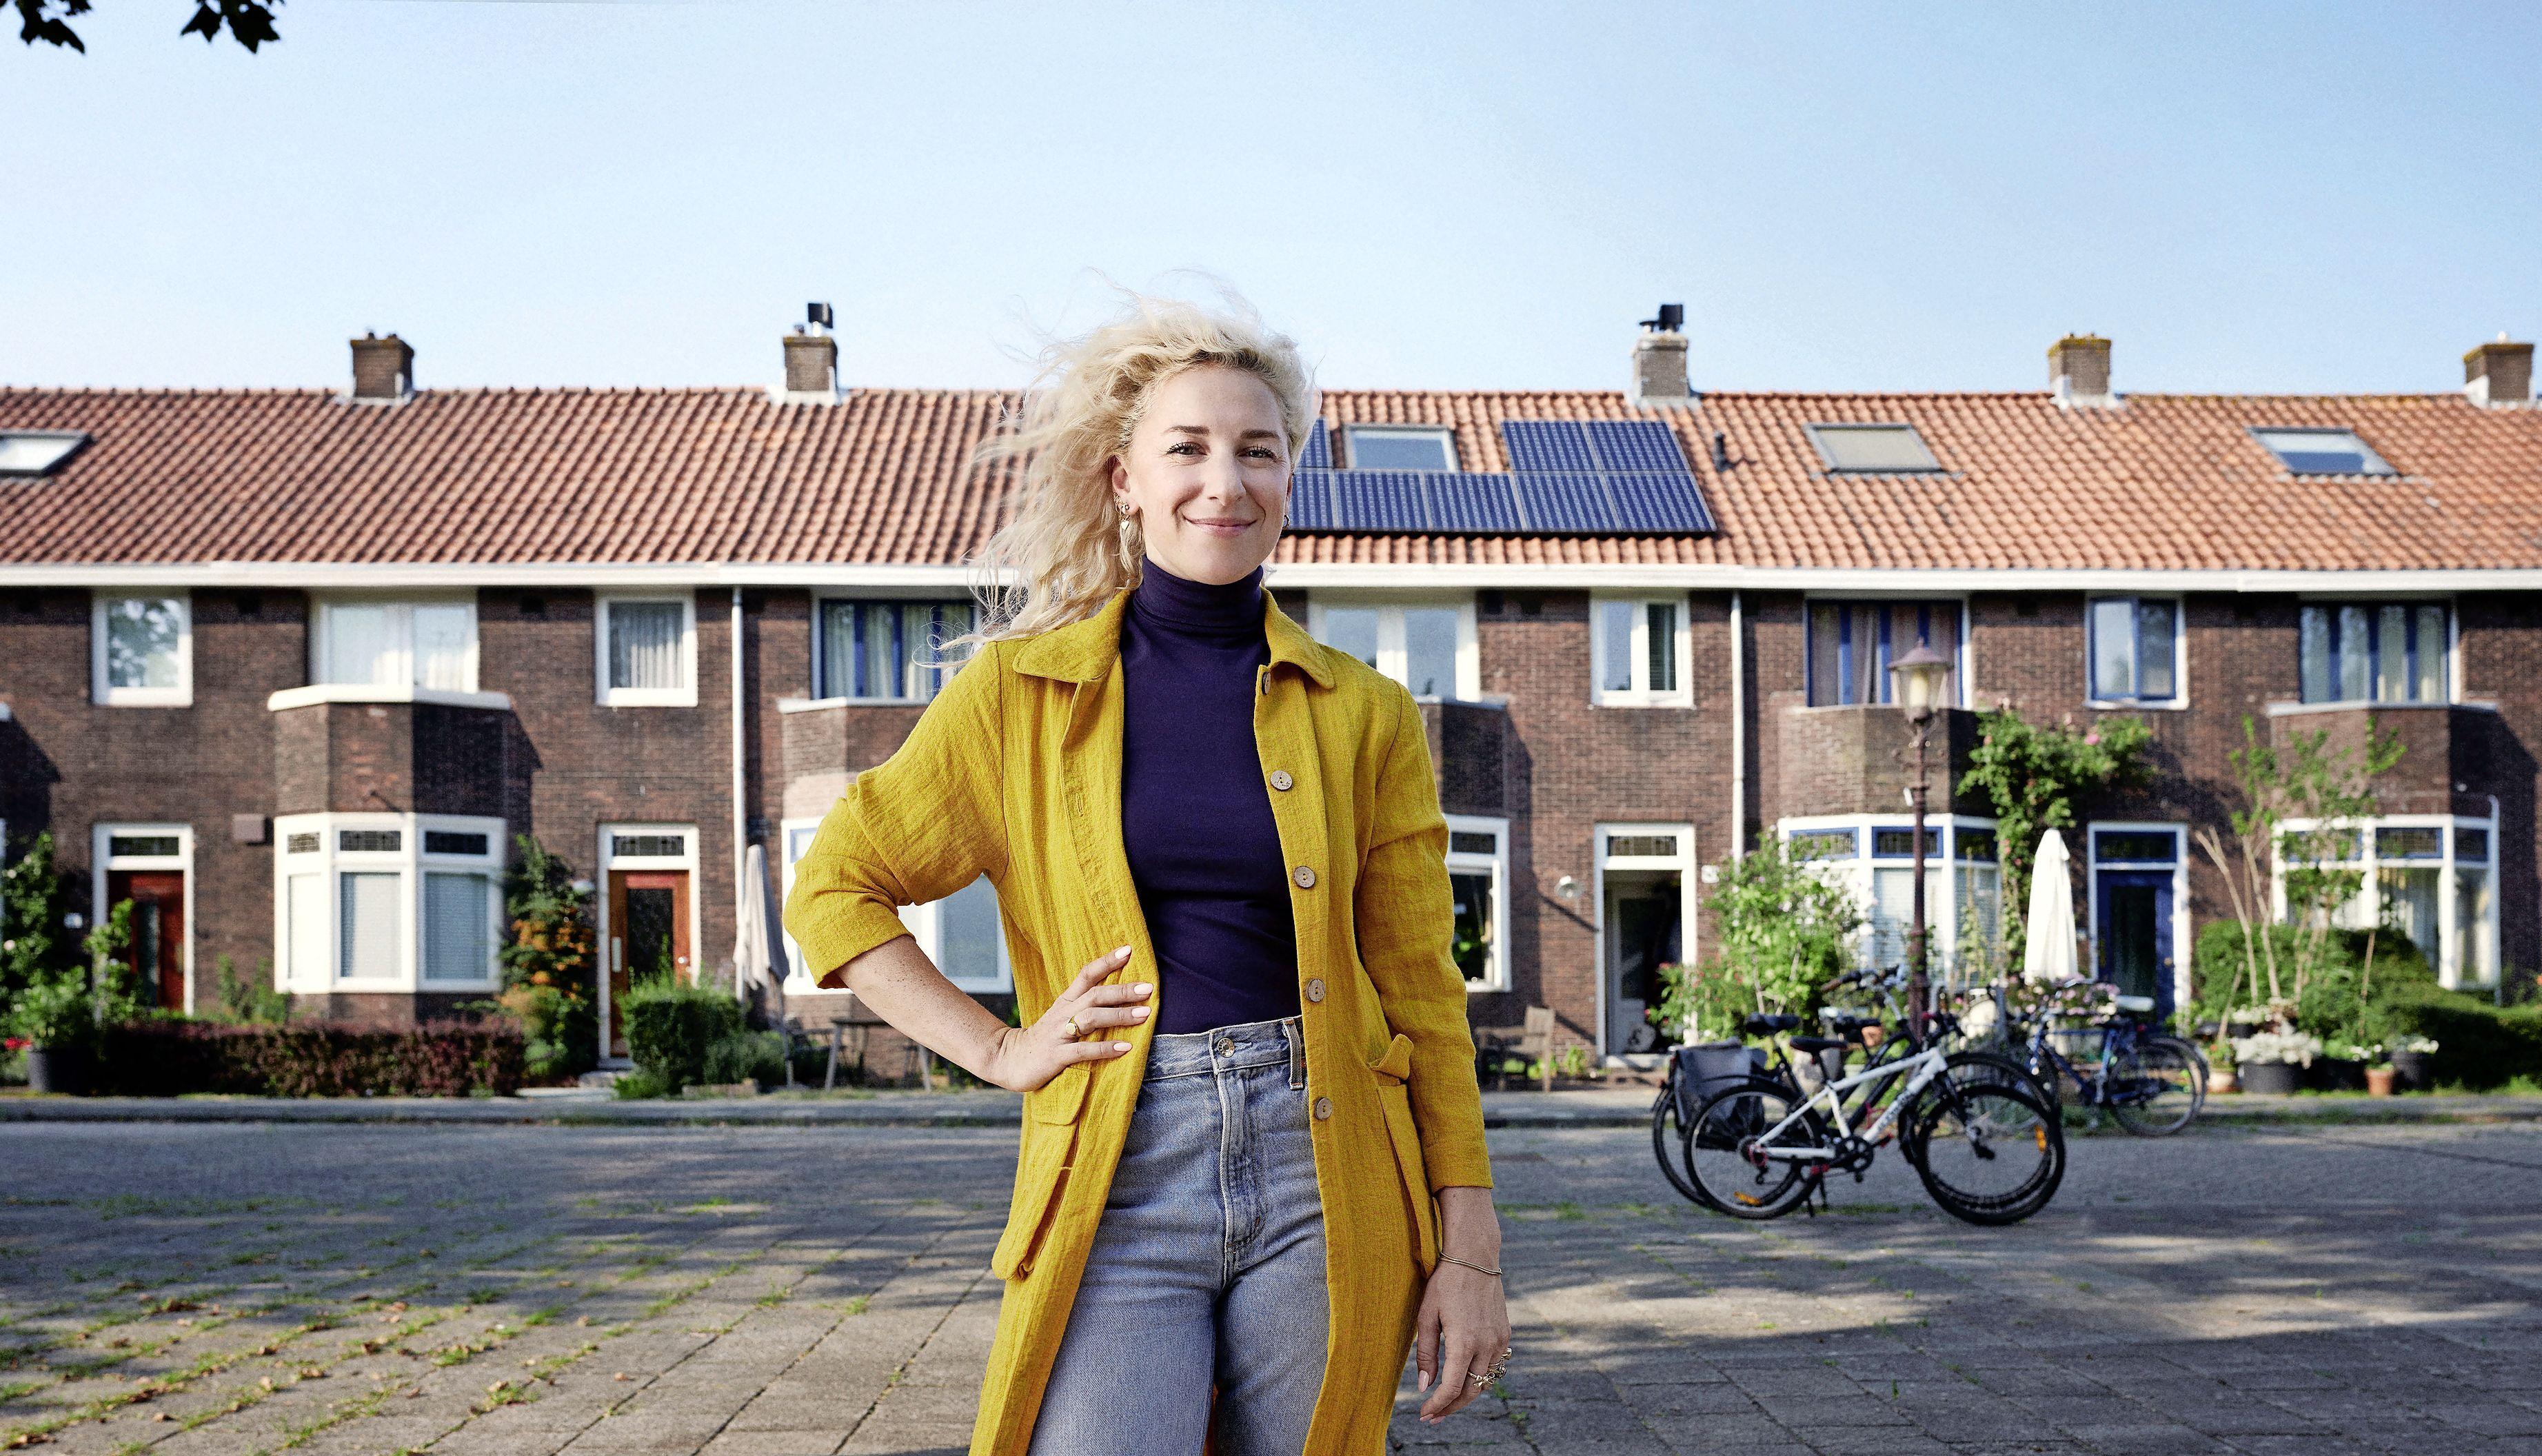 Den Helder krijgt een nieuwe burgemeester. Niet zomaar een burgemeester, maar een Klimaatburgemeester. Denk jij dat je anderen kunt inspireren? Geef je dan op voor deze rol